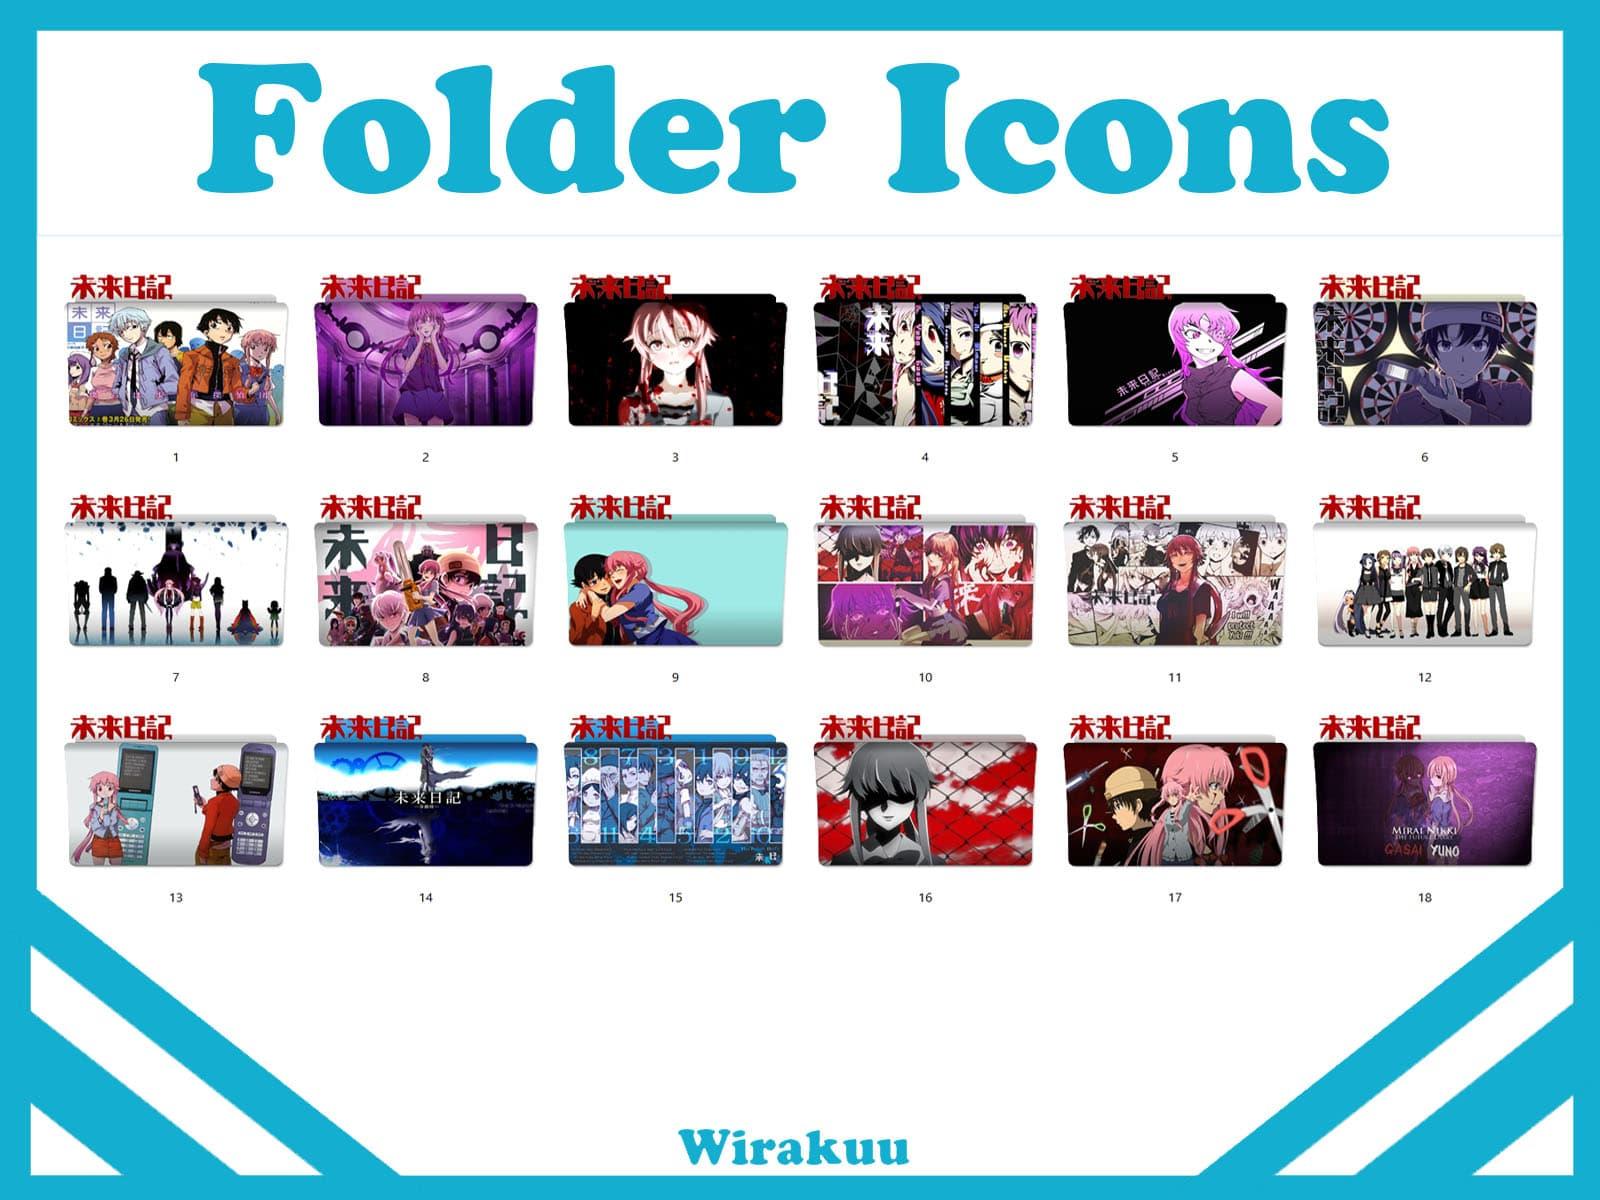 Folder Icons Anime Mirai Nikki